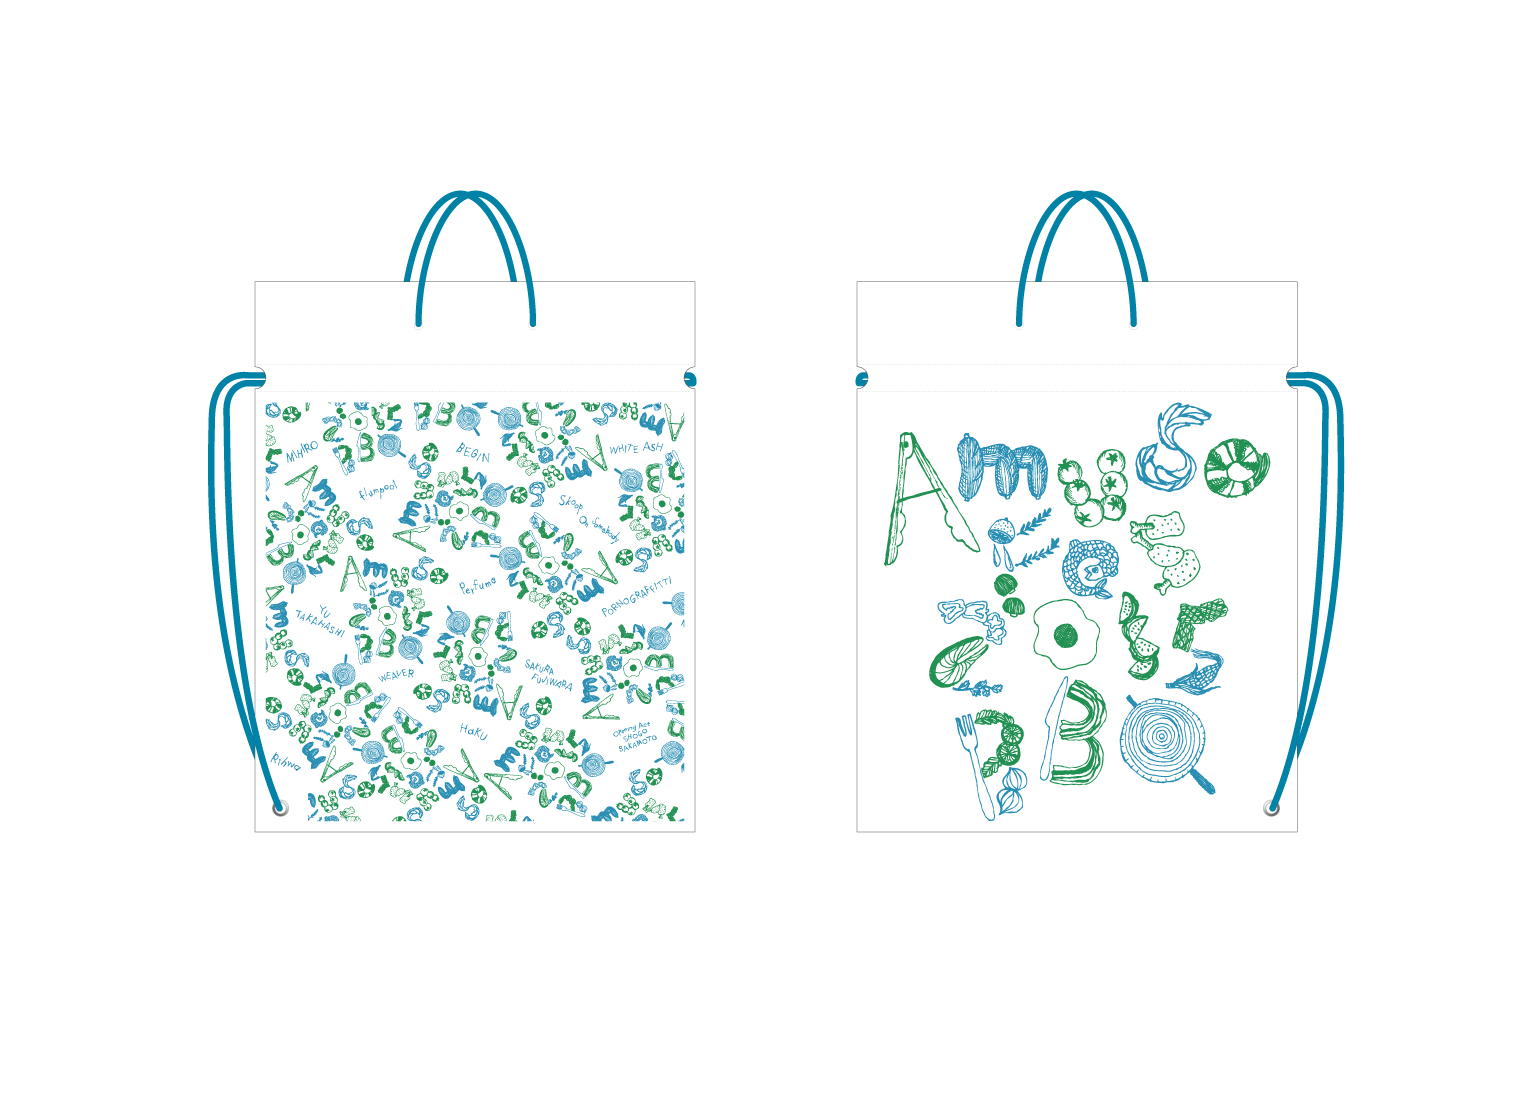 Amuse Fes 2015 Goods Bag